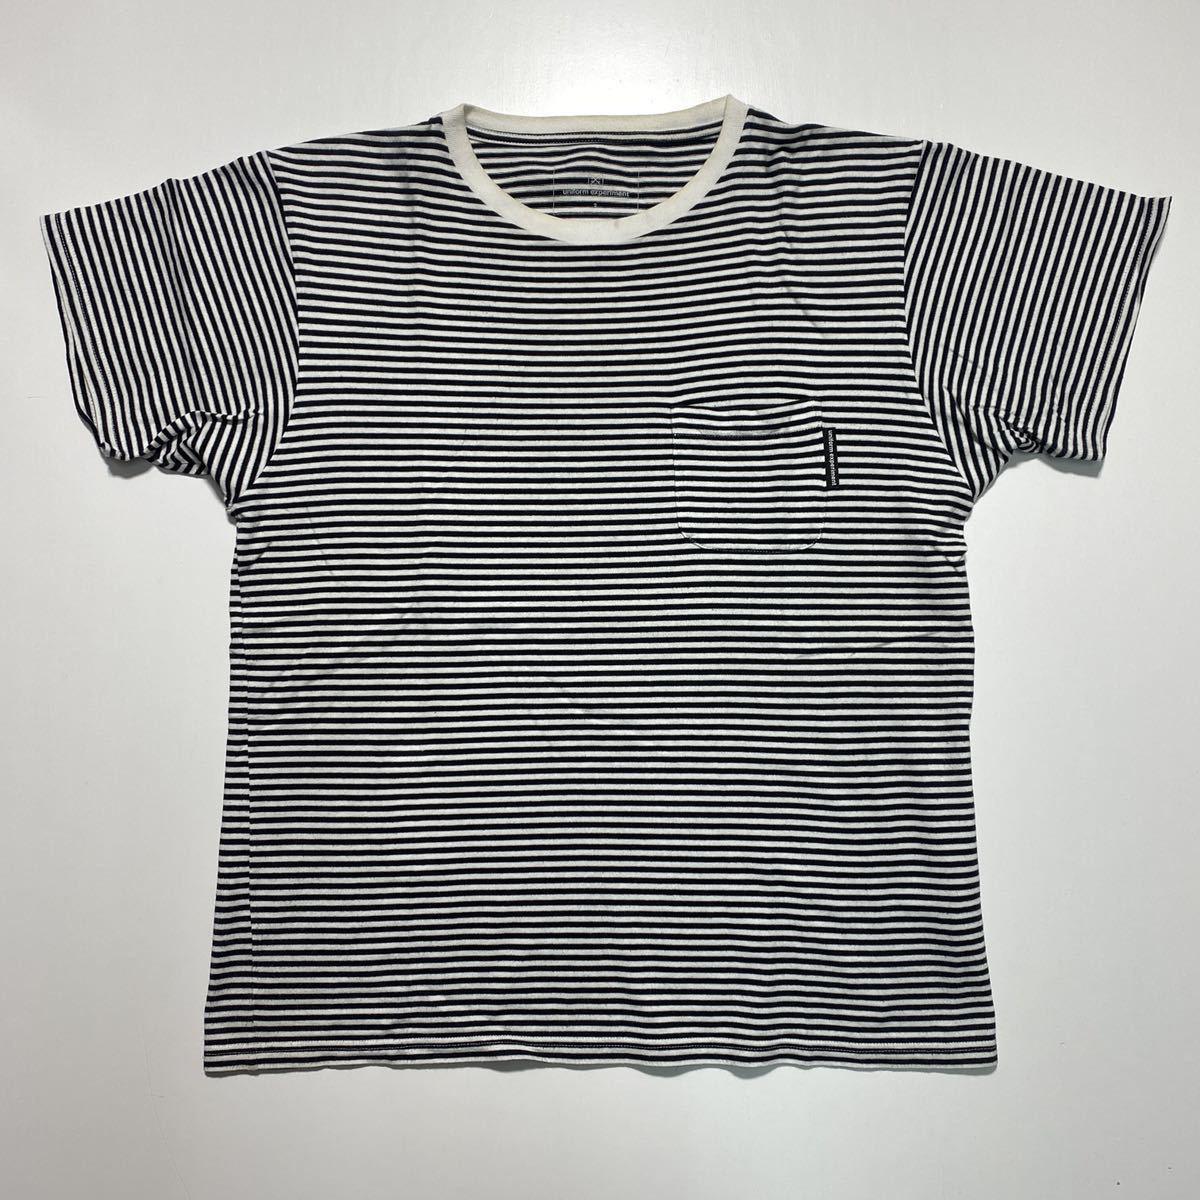 【2】uniform experiment Fragment design Border Tee ユニフォーム エクスペリメント フラグメントデザイン ボーダー Tシャツ G484_画像1